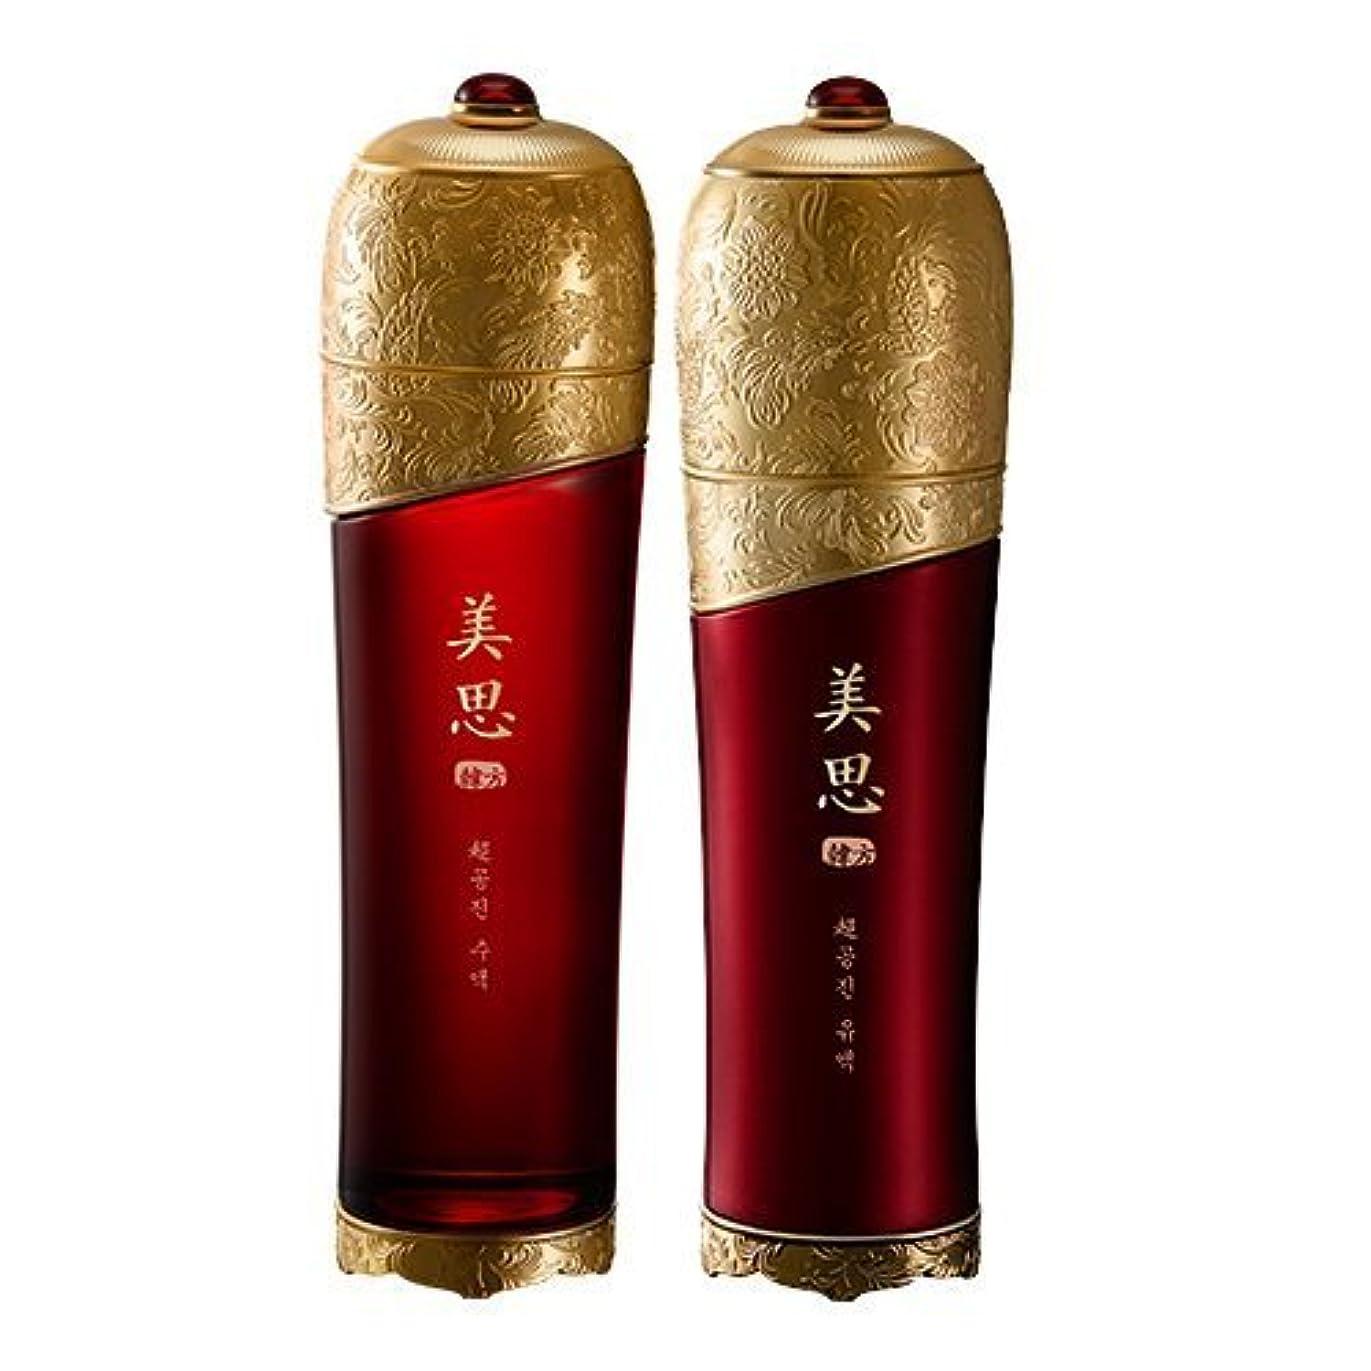 鉄道必要ない粘着性MISSHA(ミシャ) 美思 韓方 チョゴンジン 基礎化粧品 スキンケア 化粧水+乳液=お得2種Set